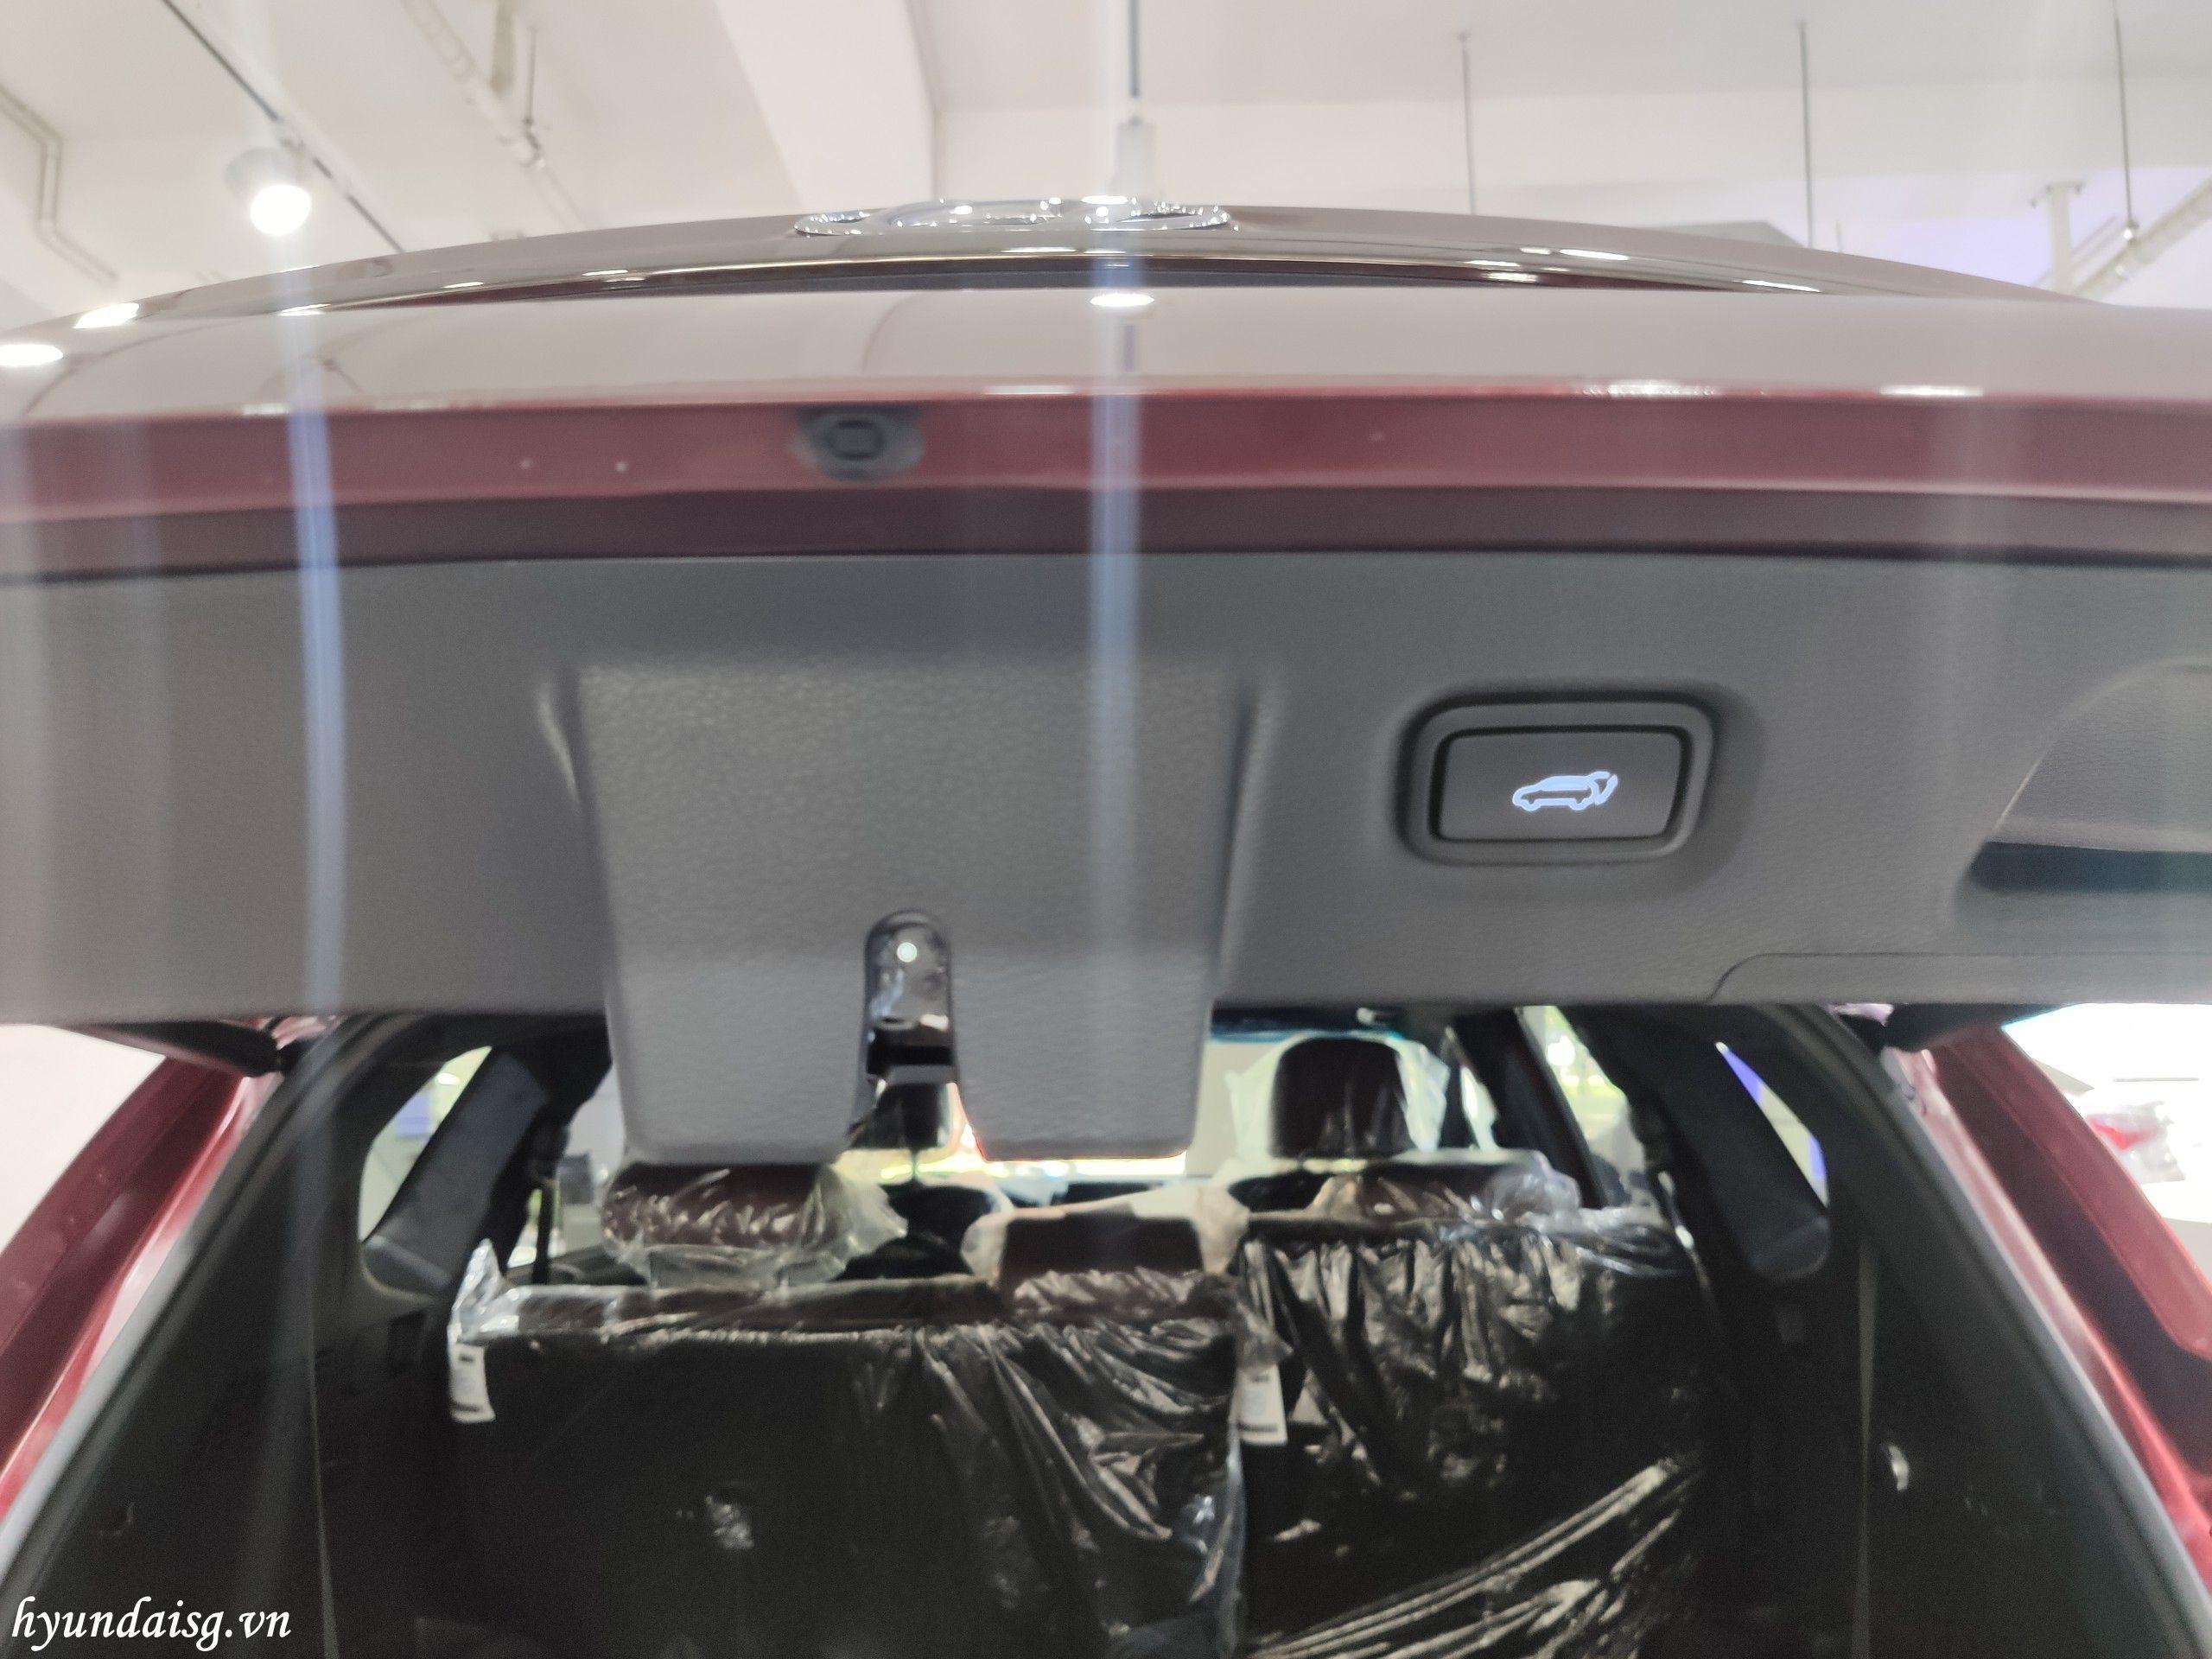 Hình Ảnh Hướng dẫn sử dụng xe Hyundai Santafe cho người mới 36